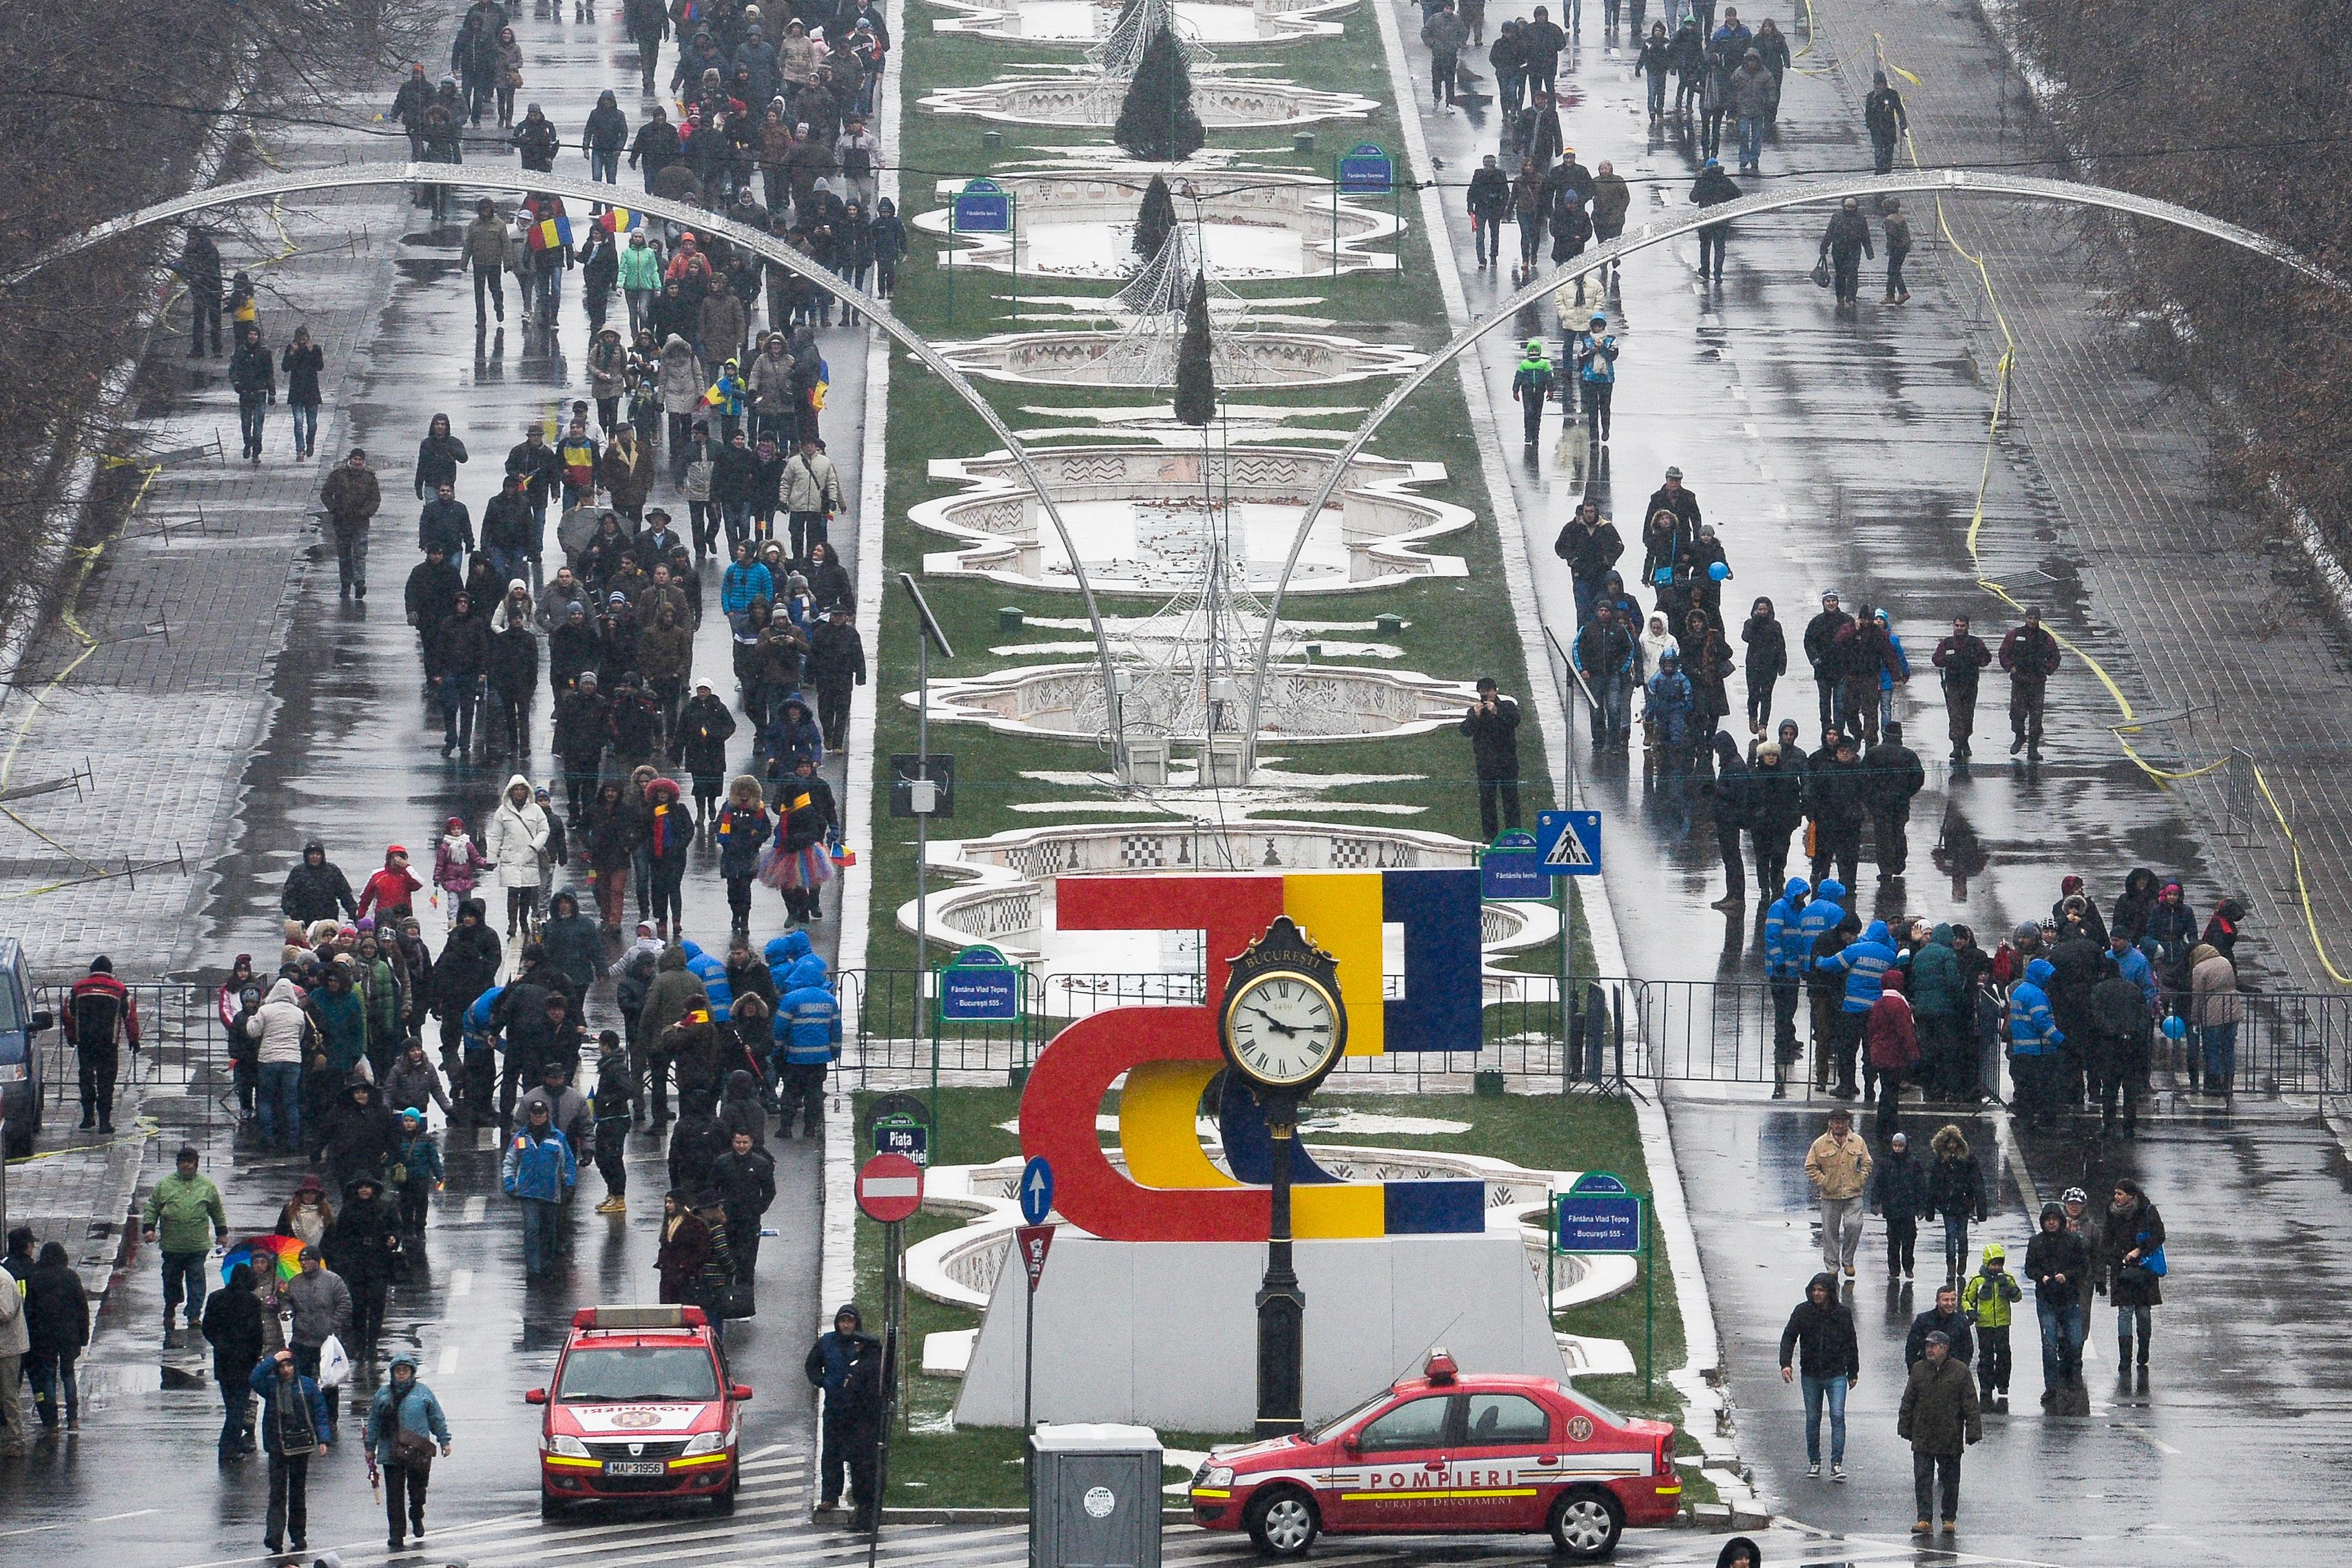 Restricţii de trafic în Bucureşti. Începe antrenamentul general pentru PARADA militară de Ziua naţională - HARTA